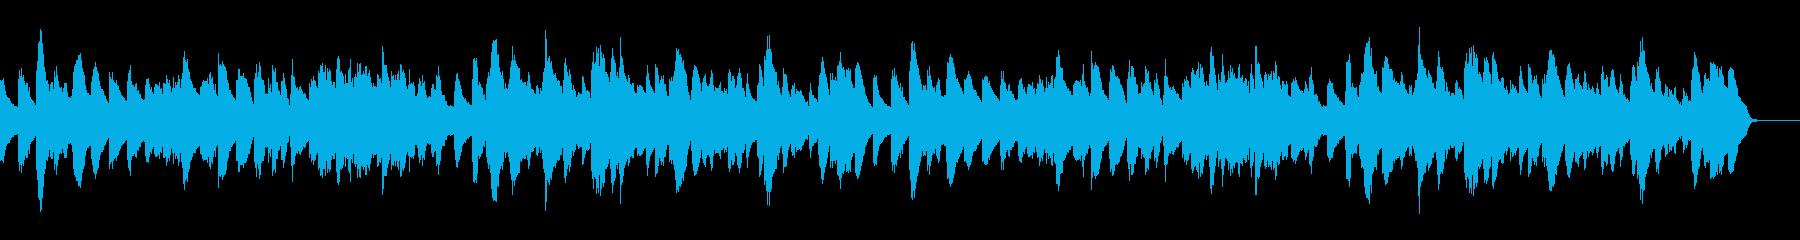 ゴルトベルク変奏曲のピアノソロ/CMの再生済みの波形